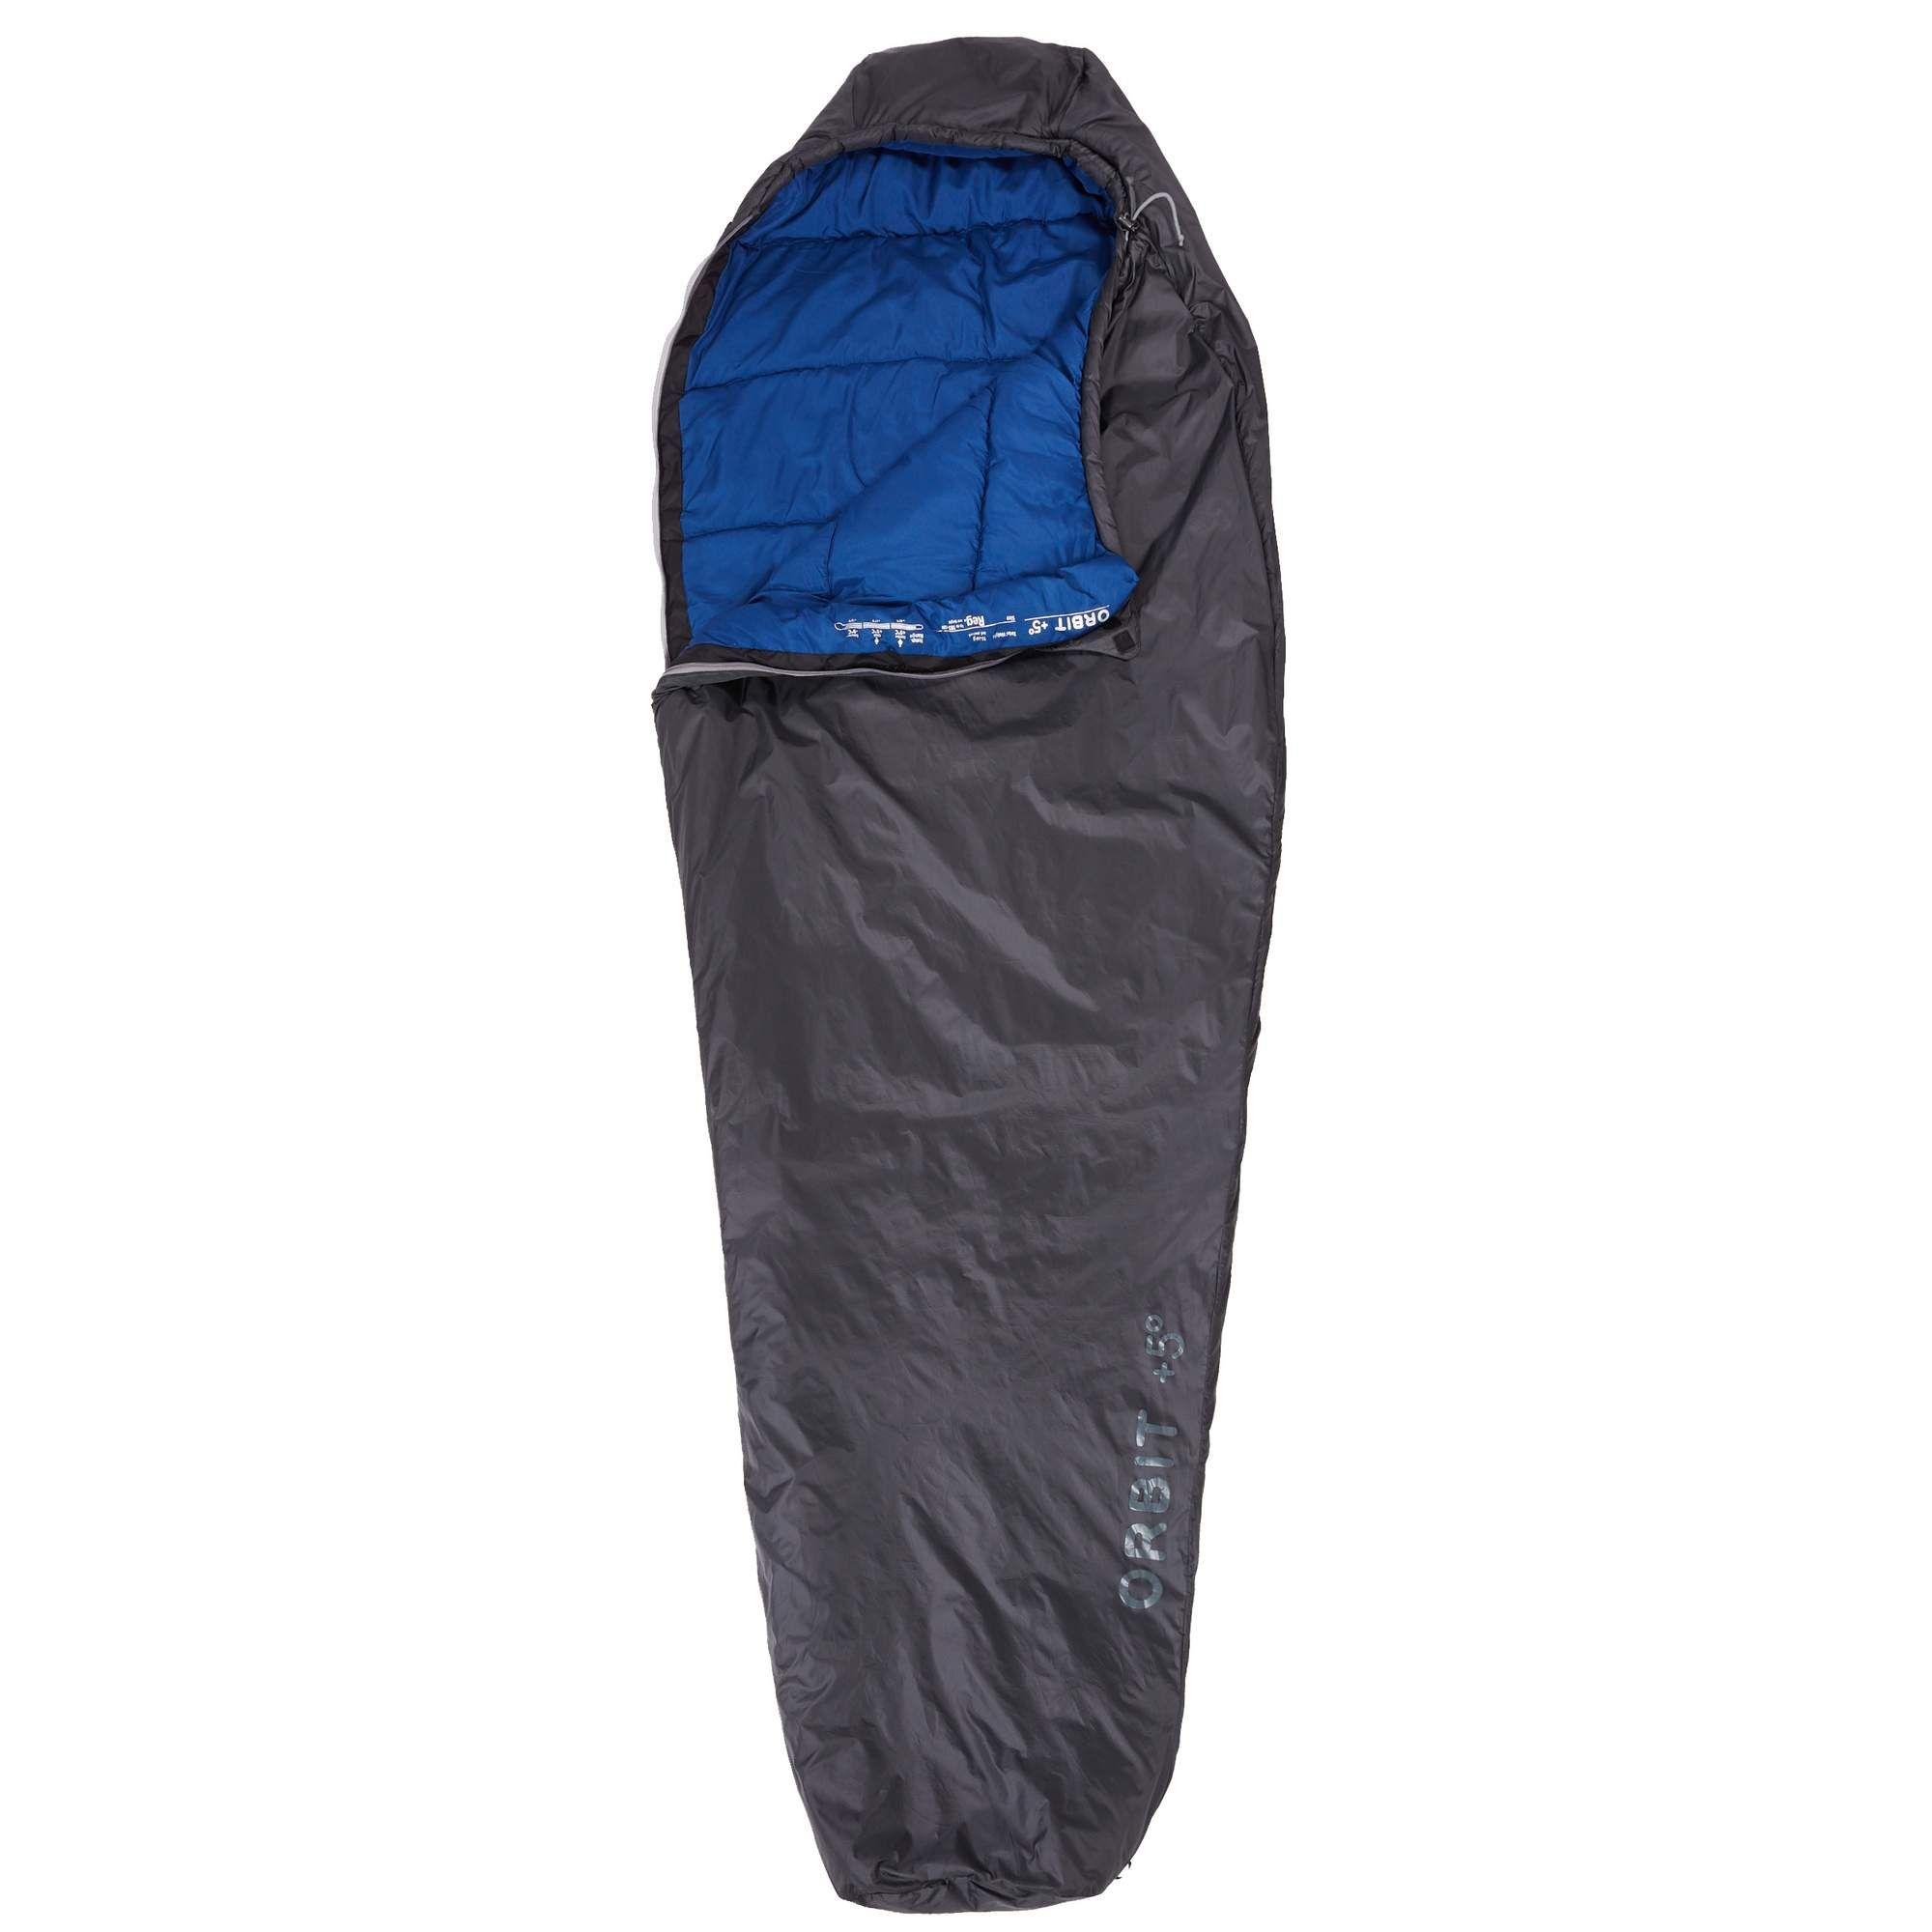 Спальный мешок Deuter Orbit +5° - фото 4